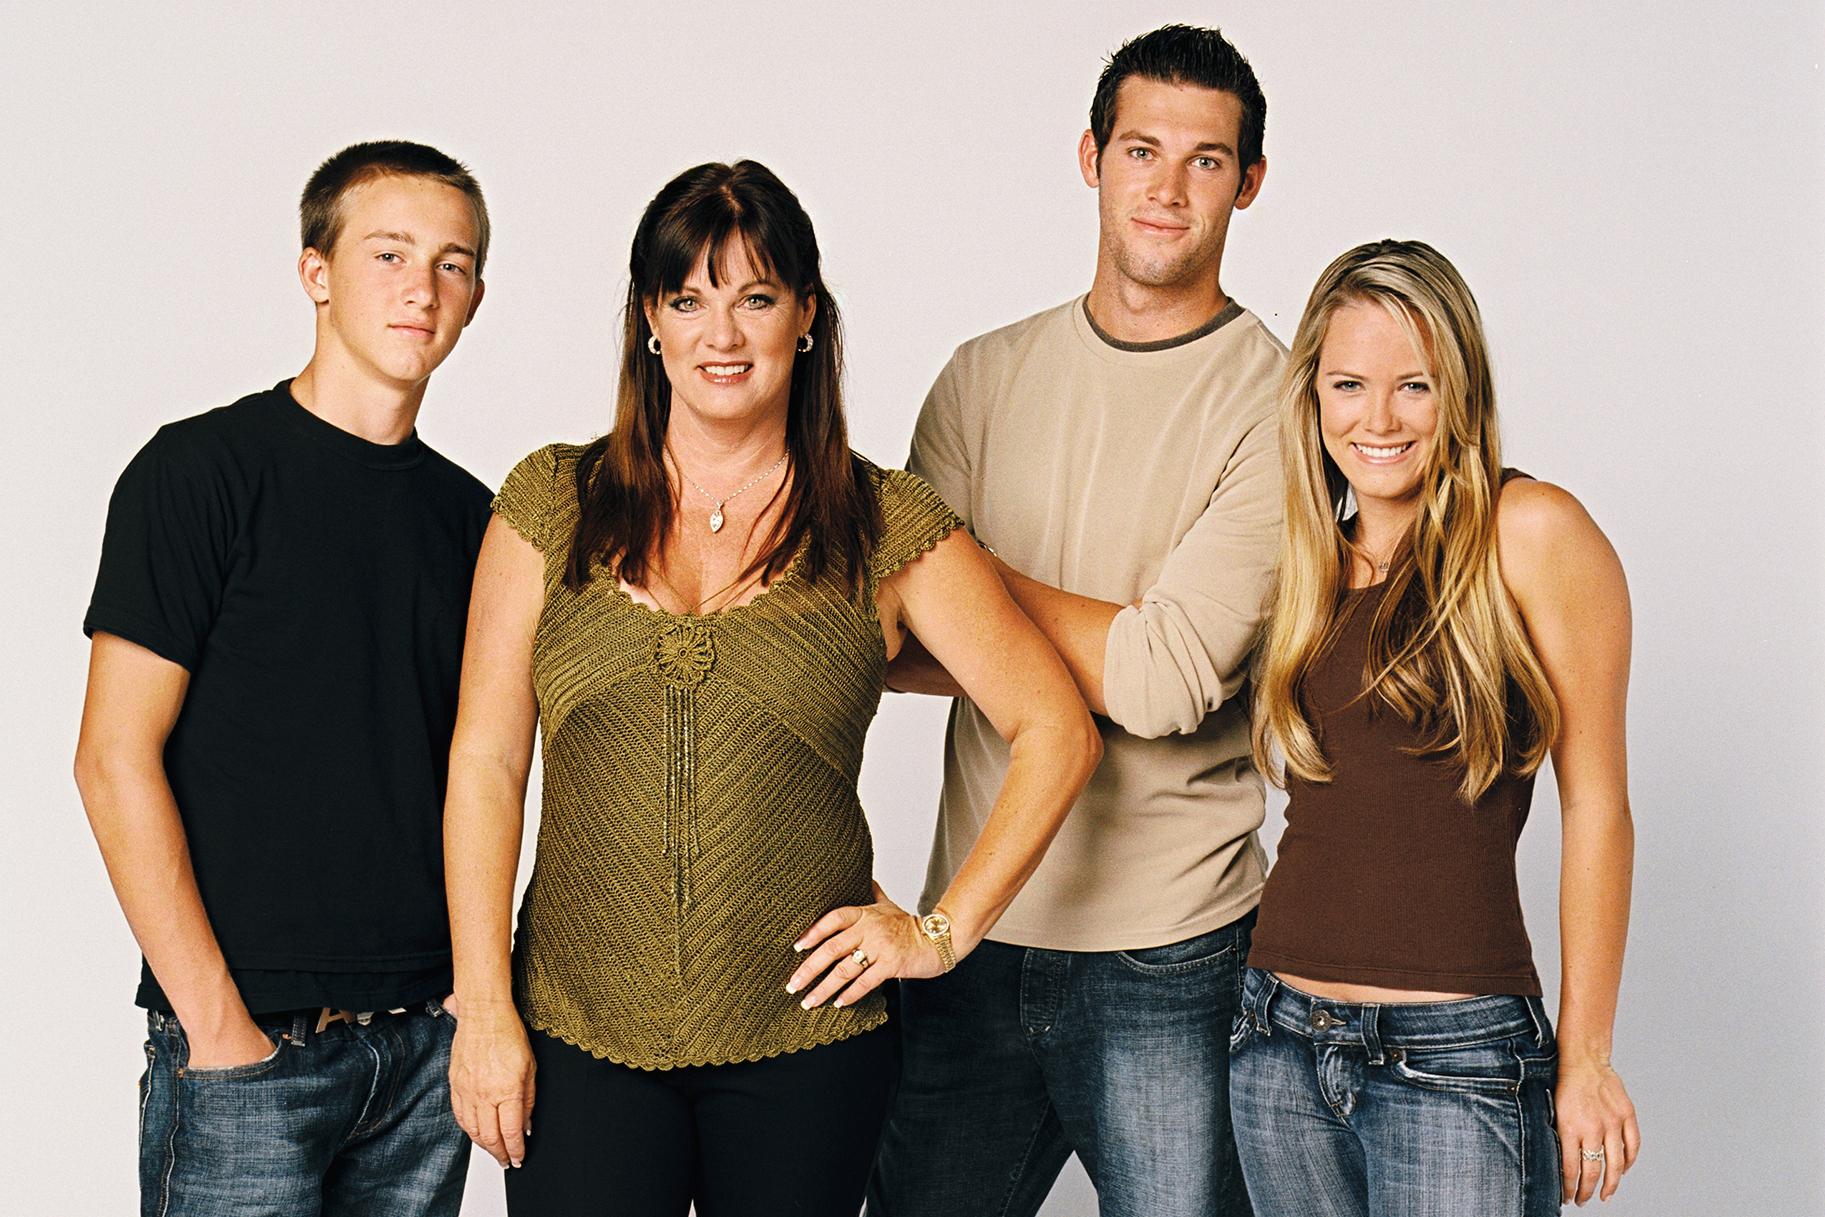 Real Housewives of Orange County Season 1 Kids Update